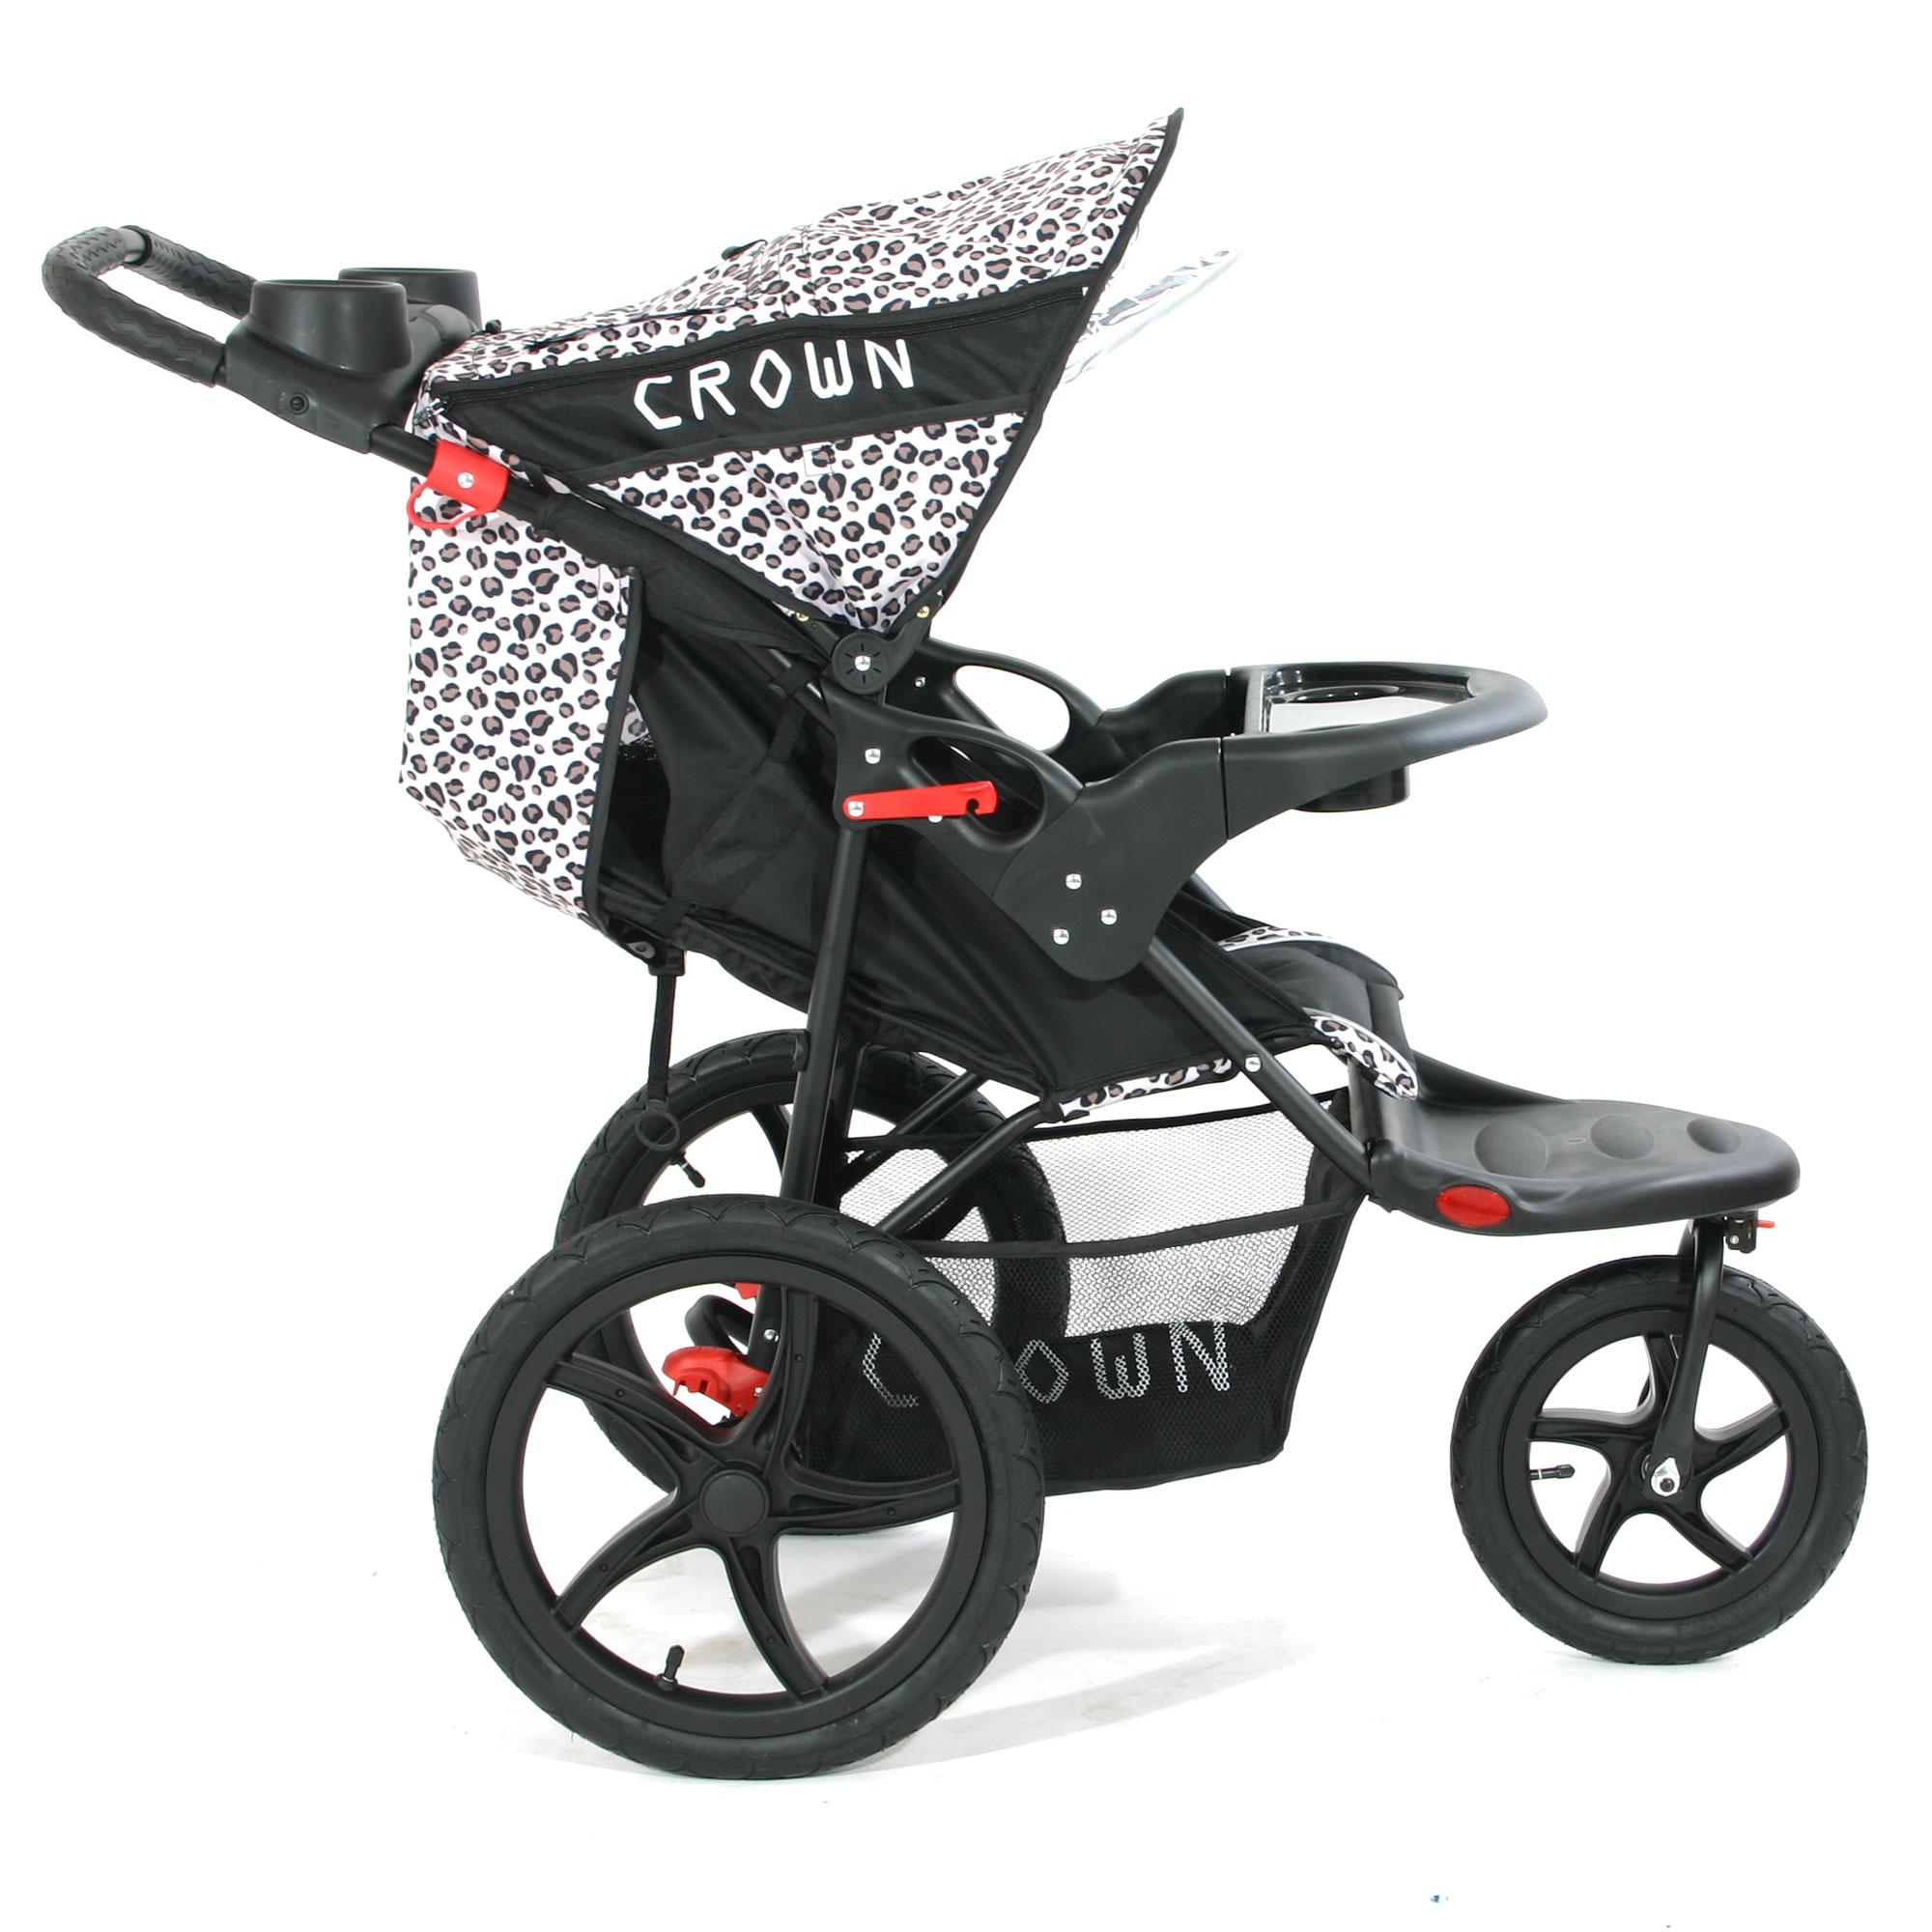 Crown-Kinderwagen-ST930-LEO-02.jpg